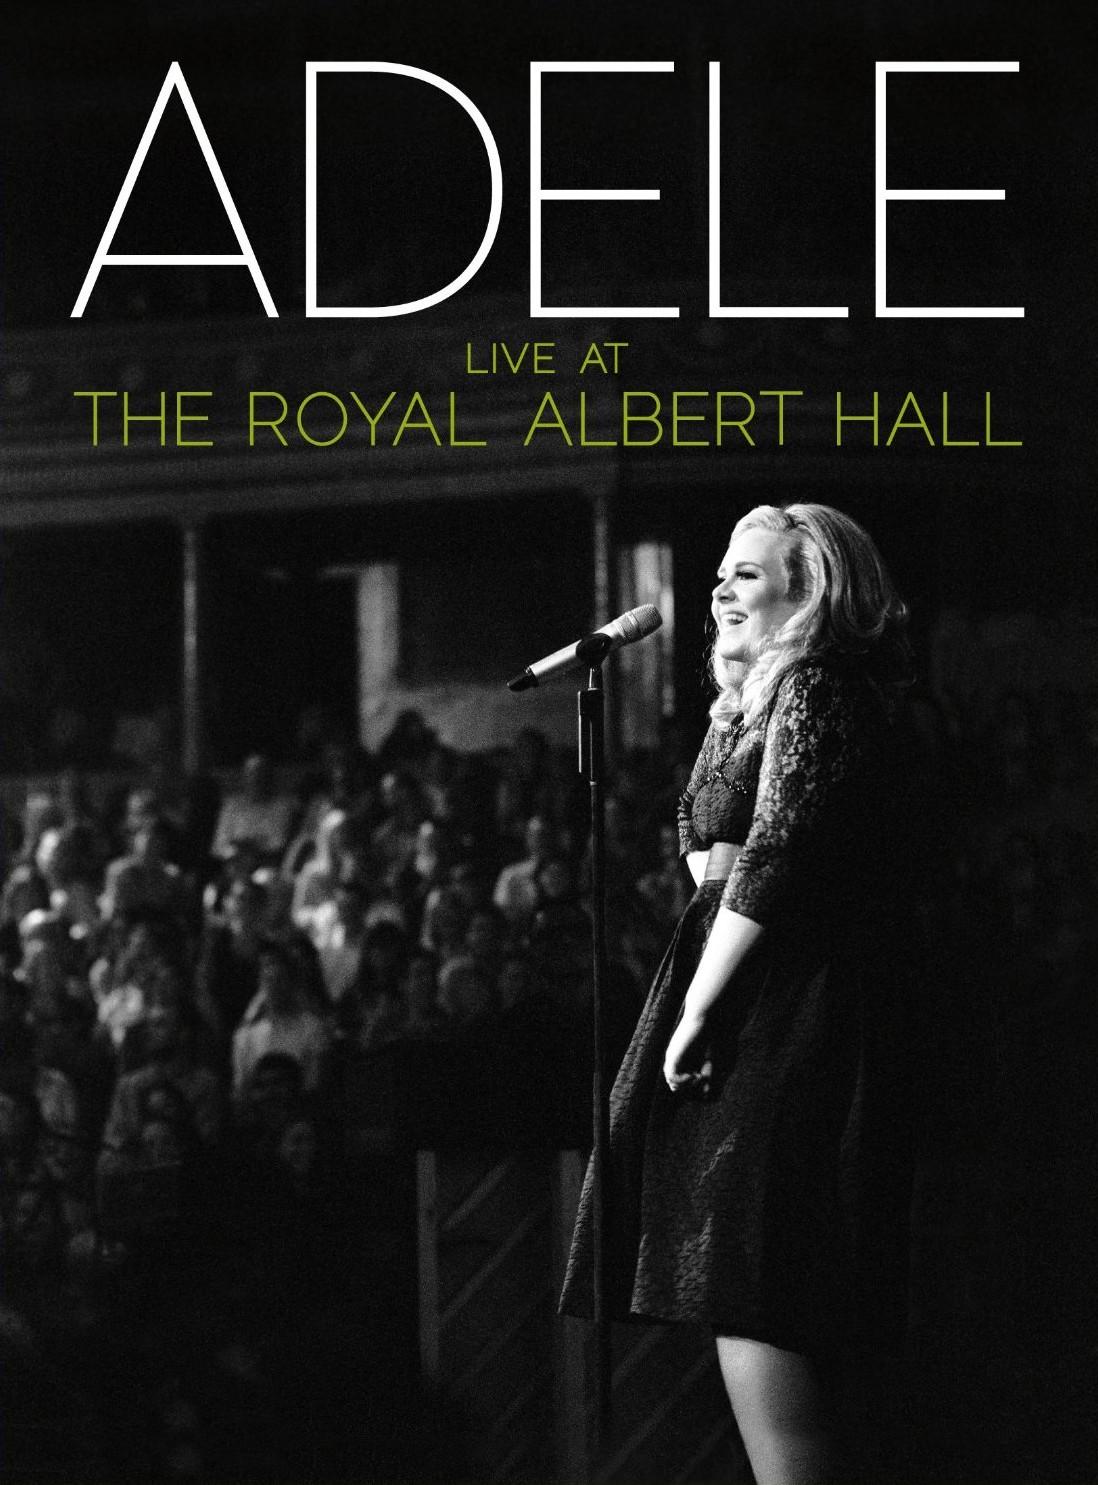 http://1.bp.blogspot.com/-7ycS3QhaPSc/T1AtL7ff6DI/AAAAAAAAA4k/p40XurJ9Drk/s1600/Adele-Albert-Hall-e1319664700726.jpg